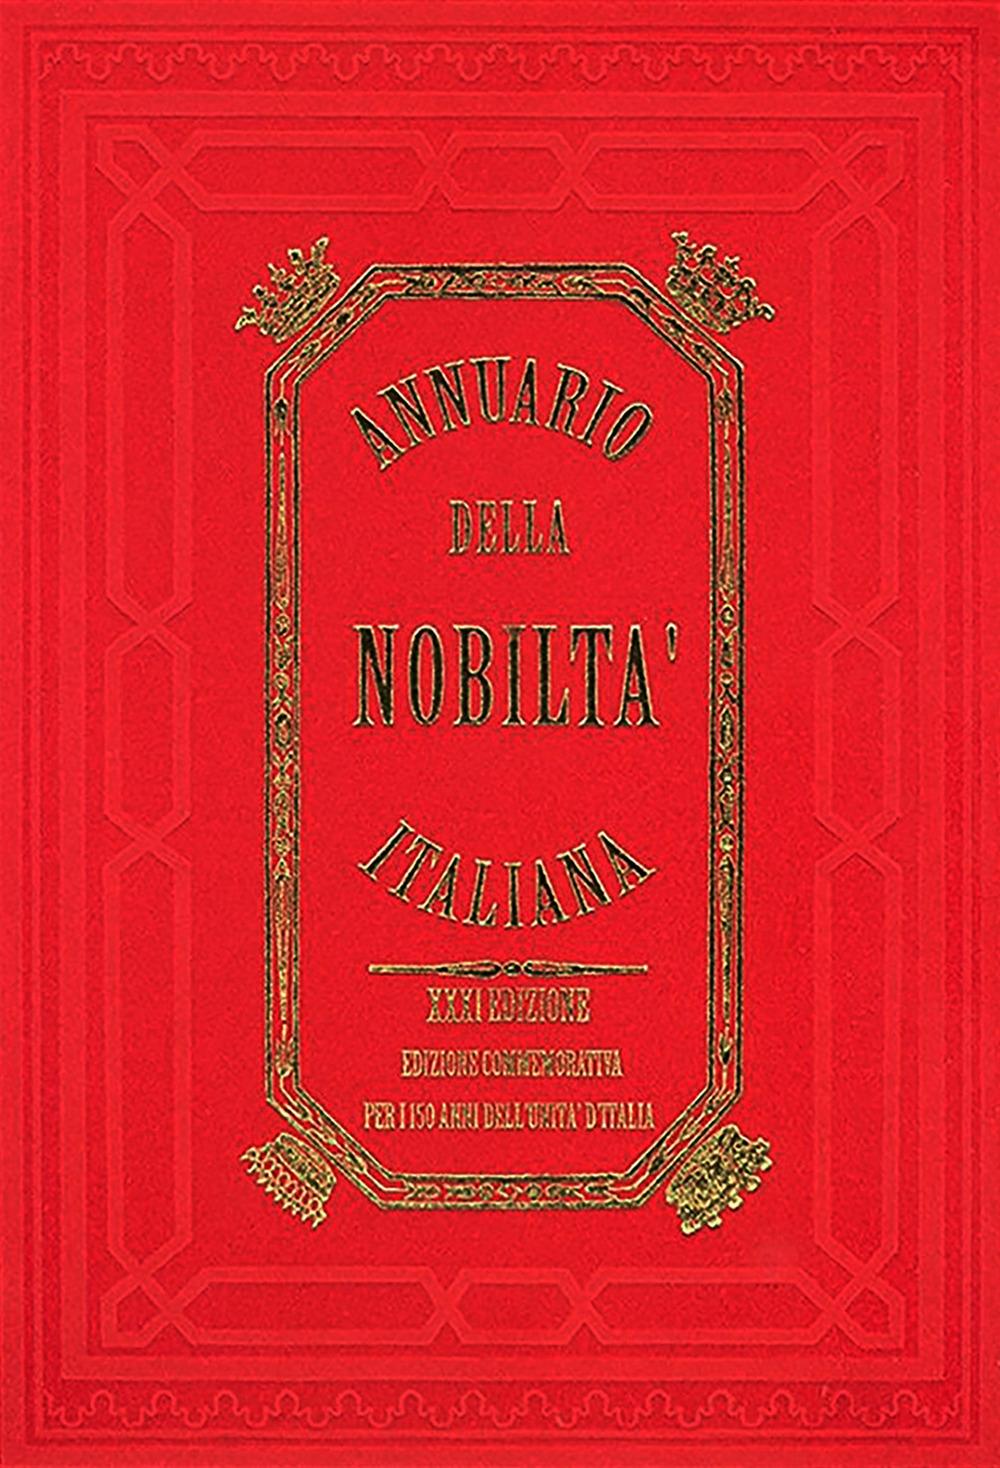 Annuario della Nobiltà Italiana. XXXI Edizione. Edizione Commemorativa per i 150 Anni dell'Unità d'Italia. [Ed. Cofanetto].